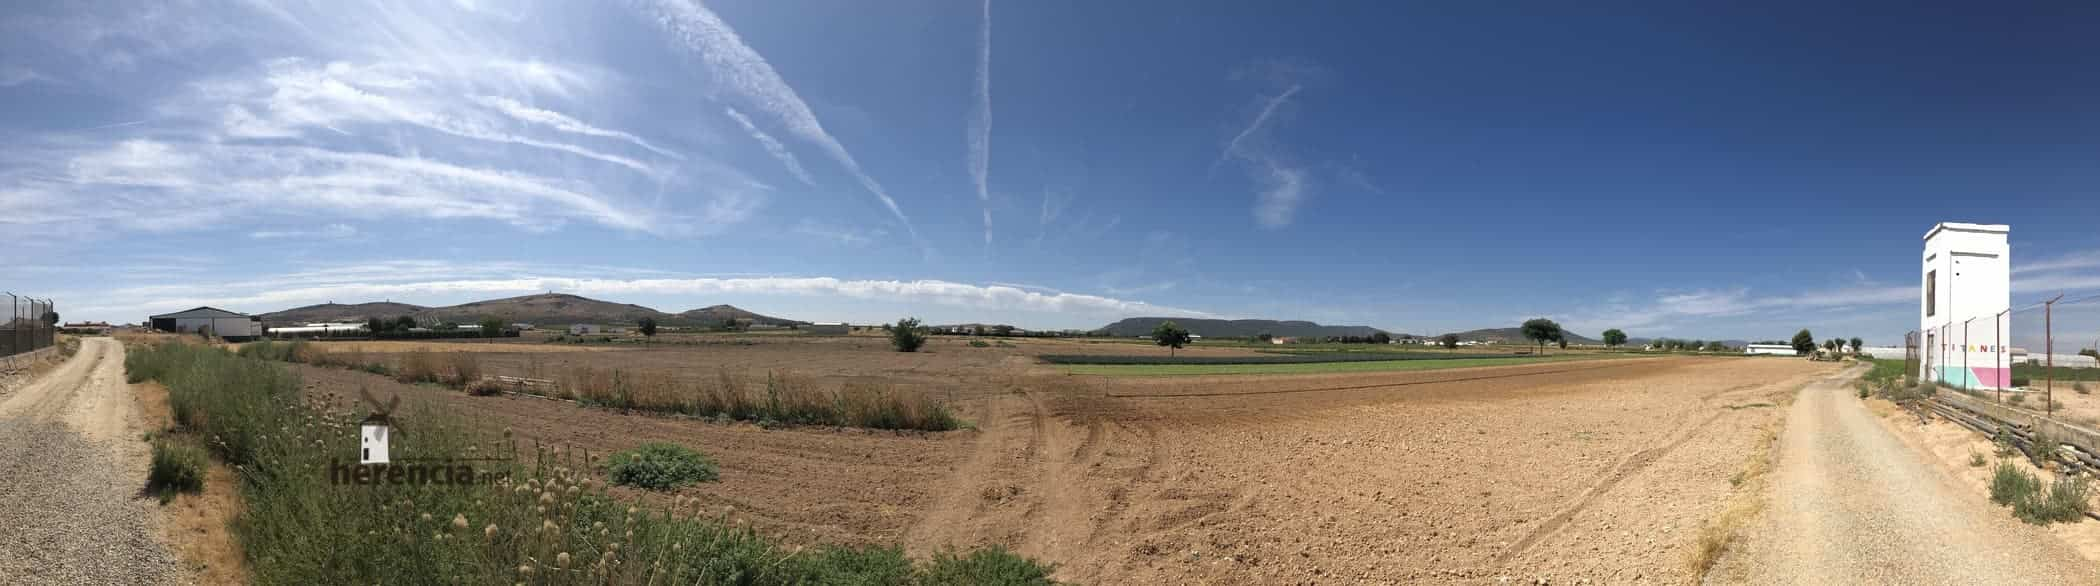 panoramica herencia campo - Herencia se suma a la relajación de la desescalada por tener menos de 10.000 habitantes